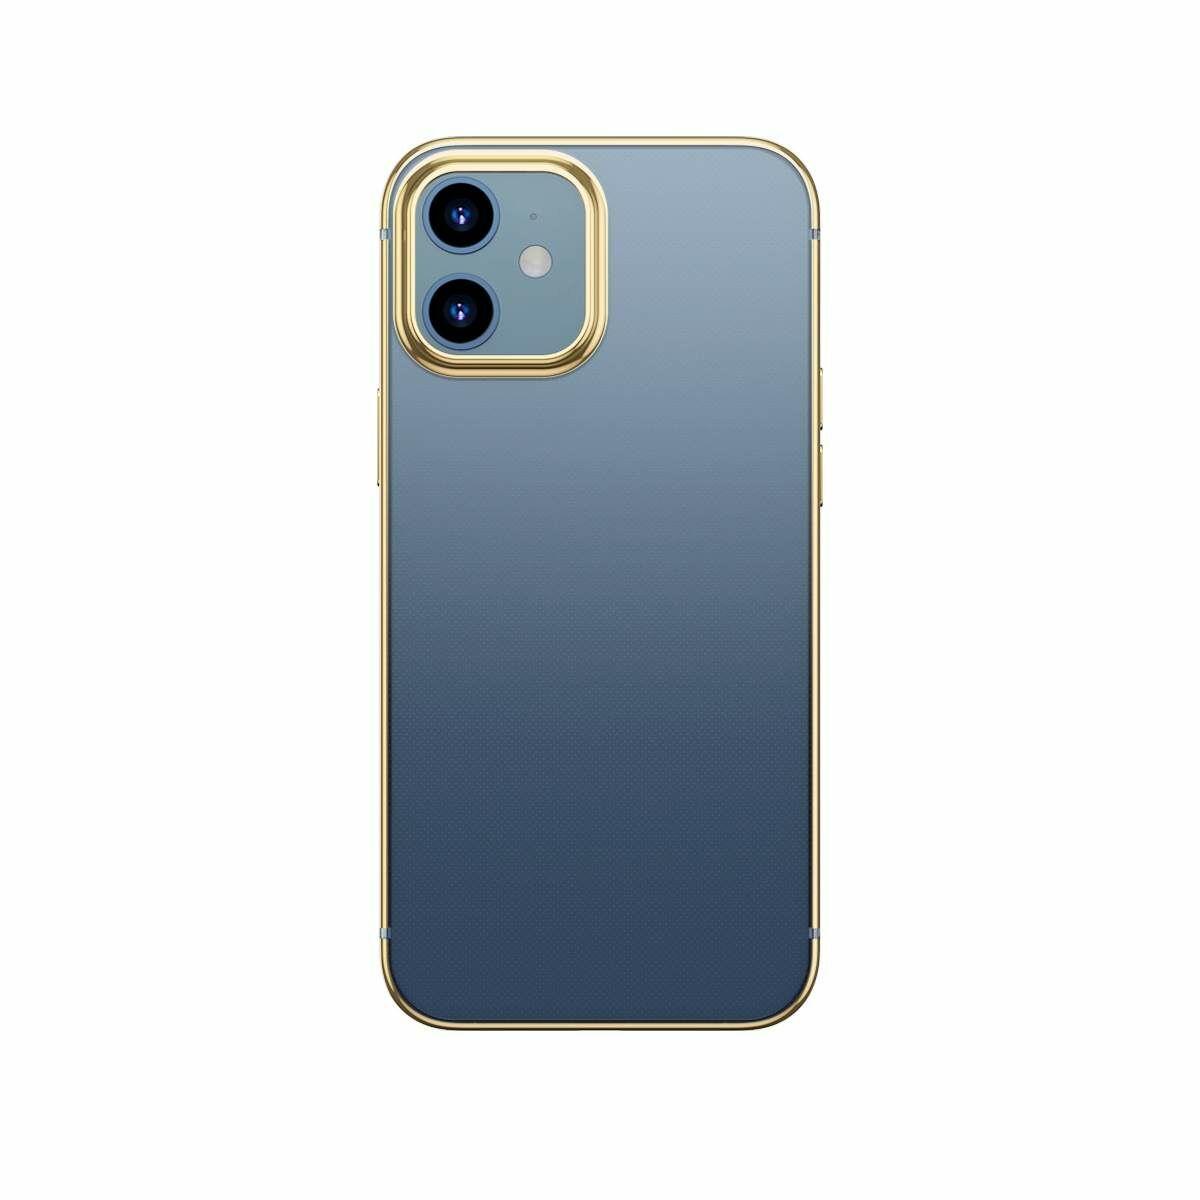 Baseus iPhone 12 mini tok, Shining (esés védelemmel), arany (ARAPIPH54N-MD0V)